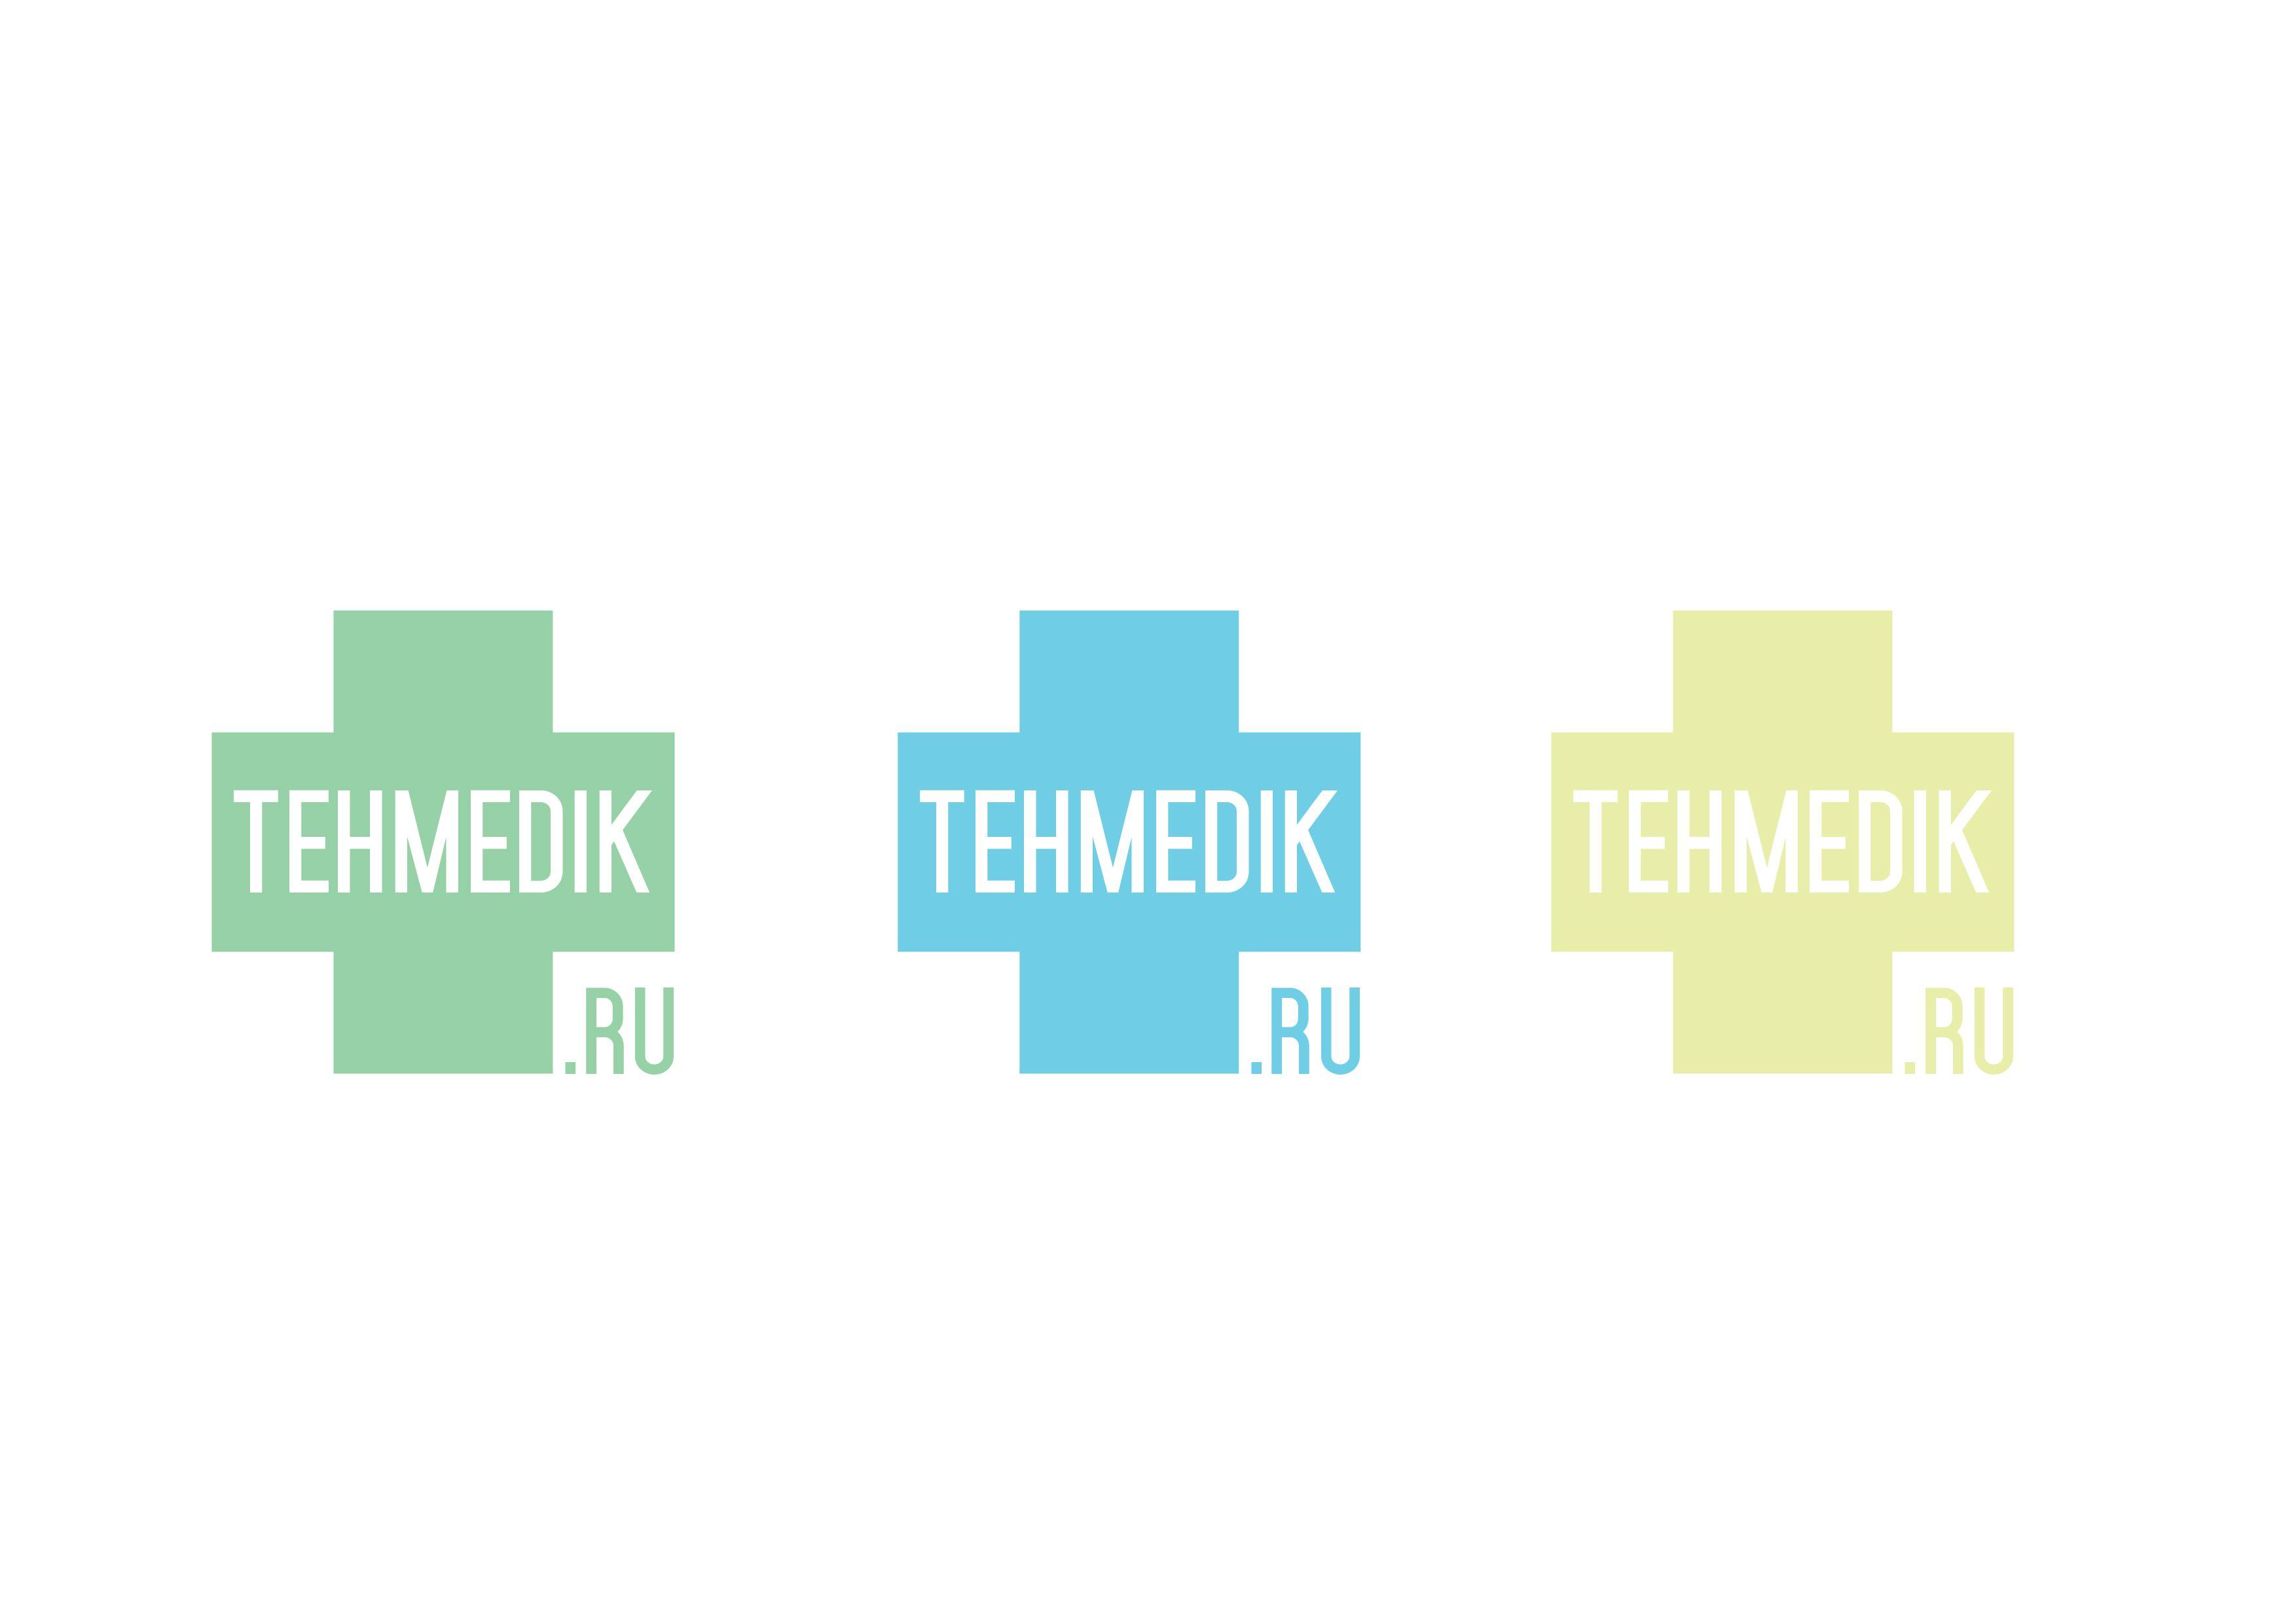 Логотип для интернет-магазина медтехники - дизайнер Jedi_artist